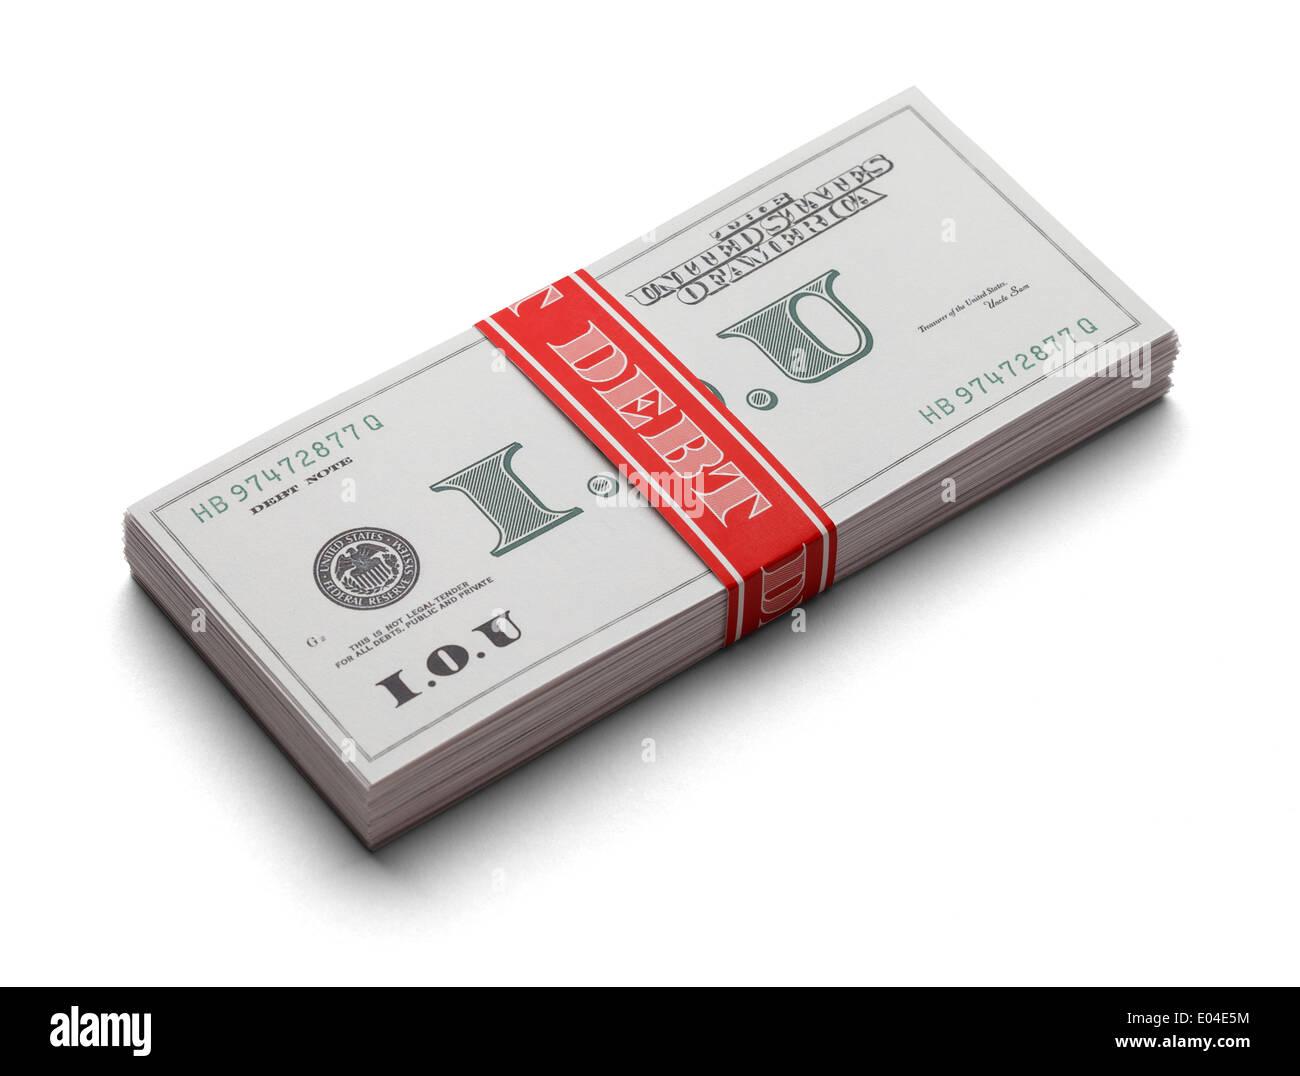 Pila di IOUs come curency carta con una banda di denaro che dice che il debito su di esso. Isolato su uno sfondo bianco. Immagini Stock